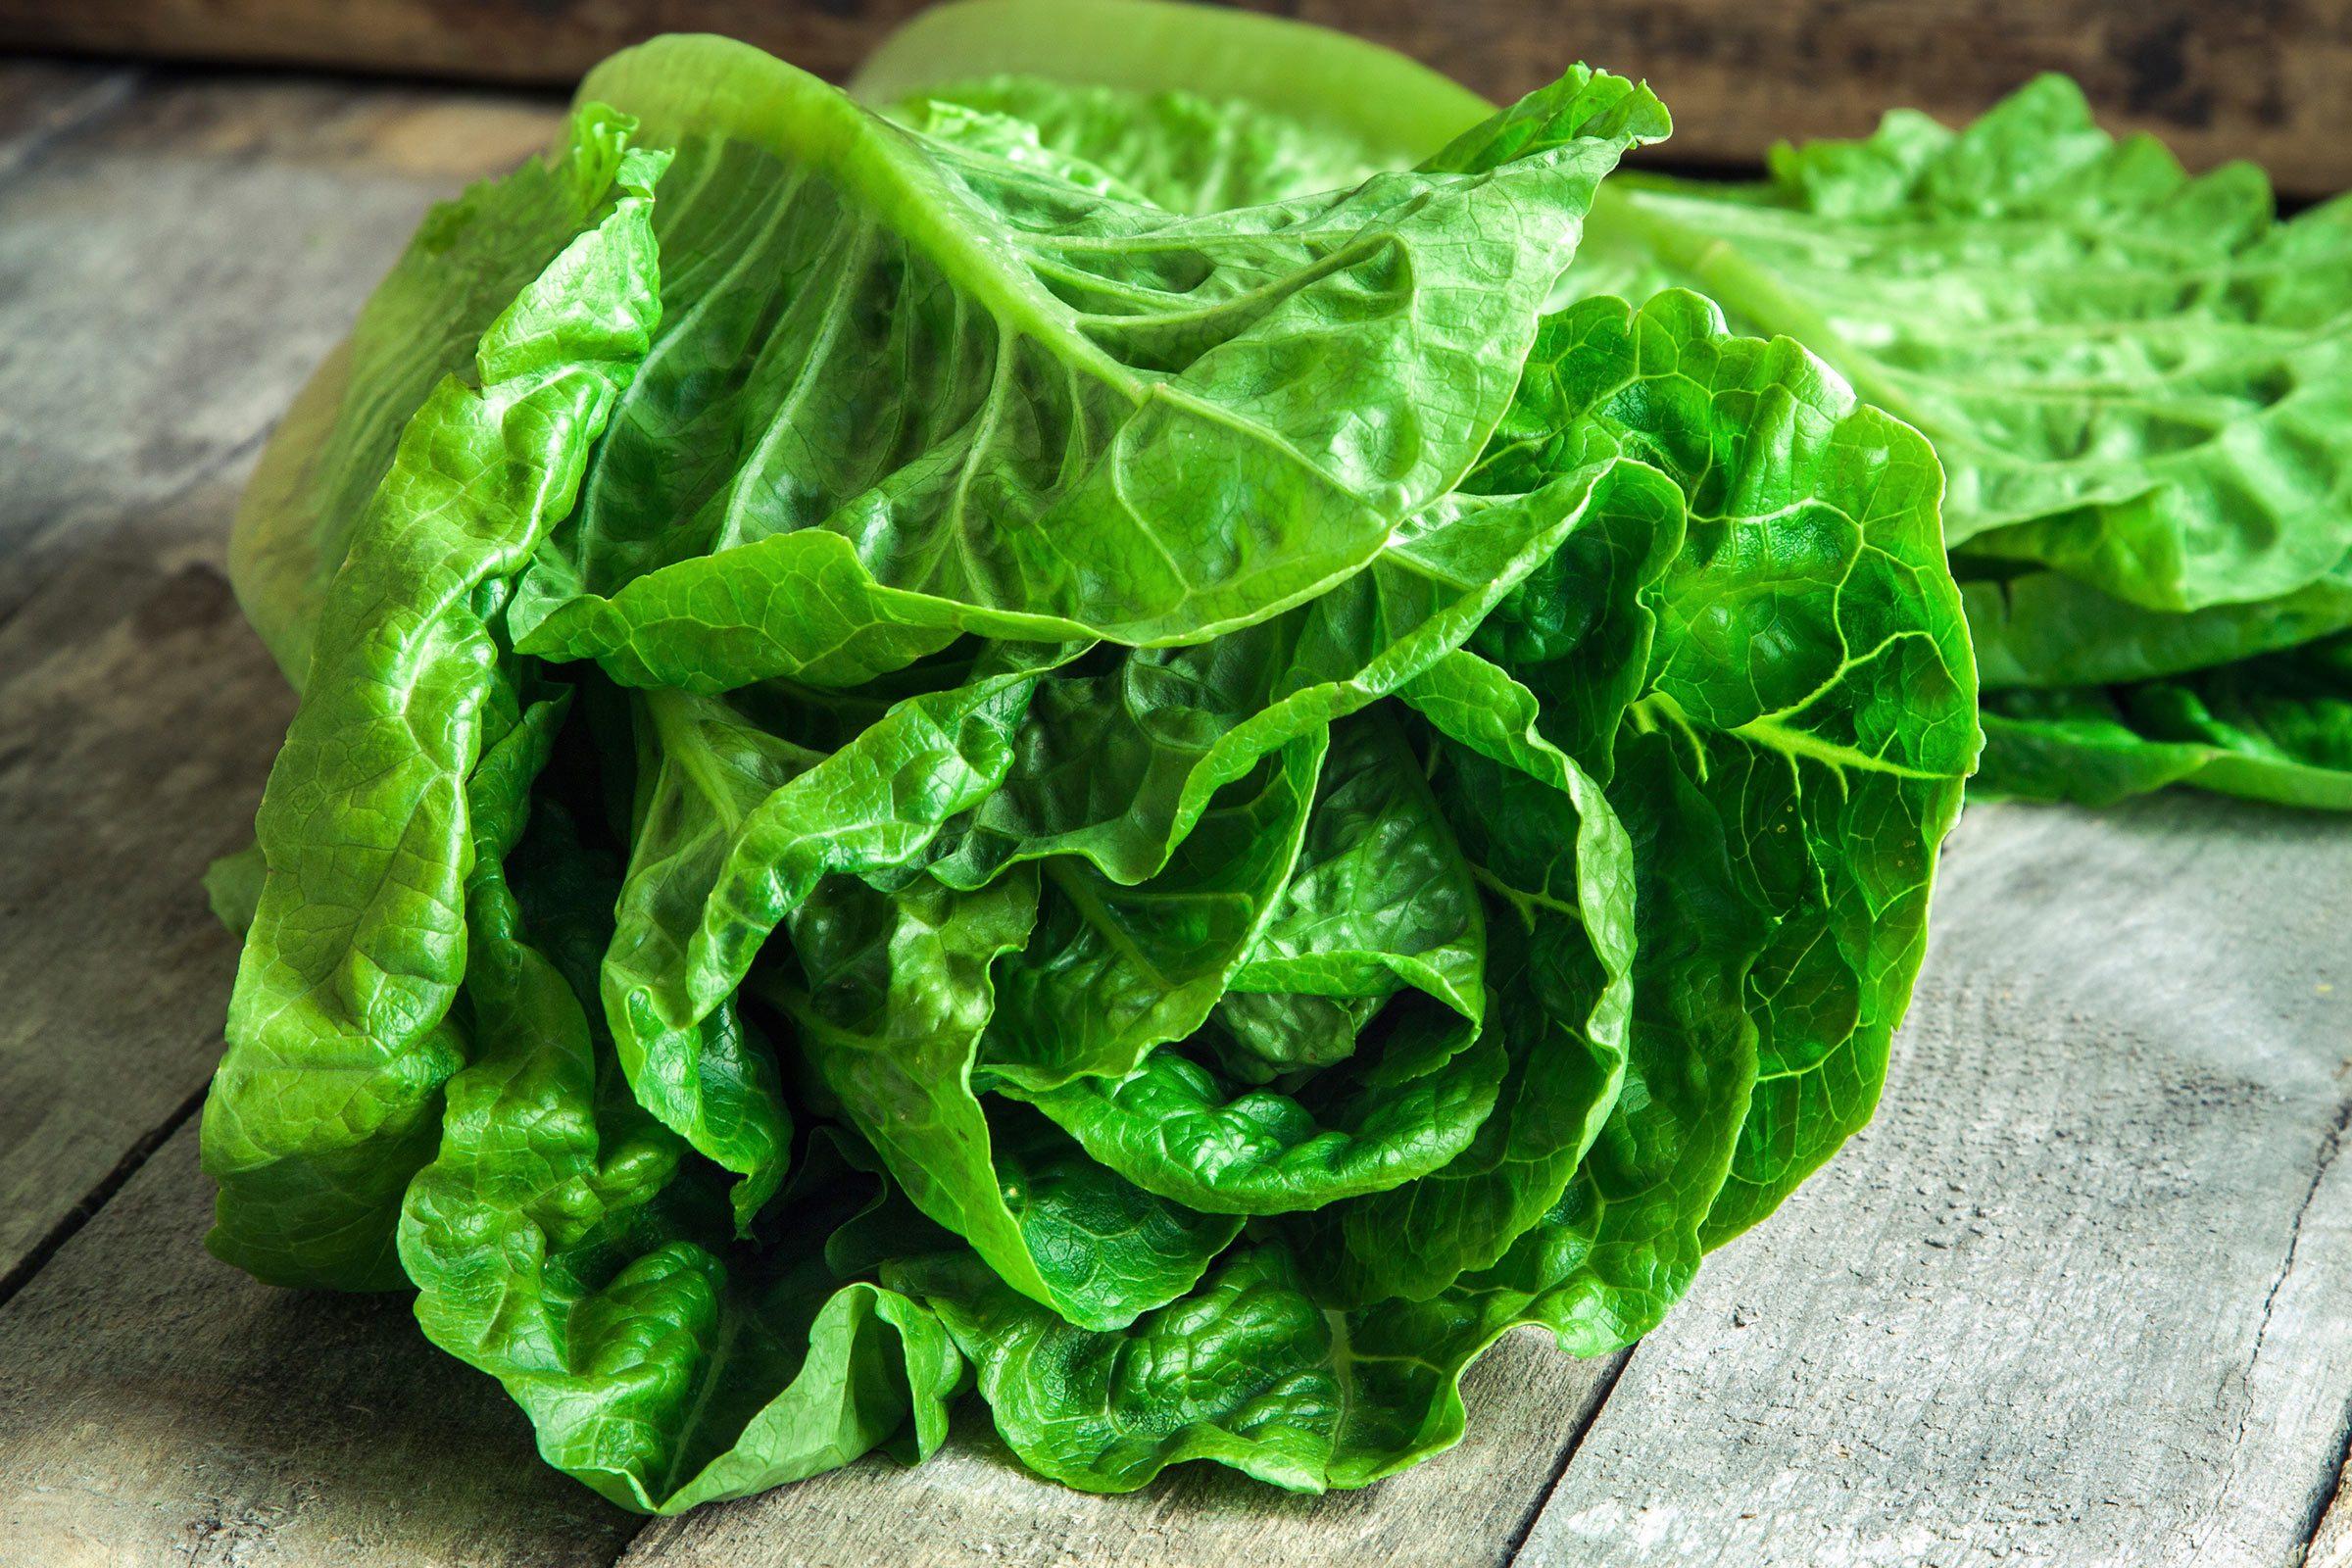 17. Brown-Bag Your Lettuce